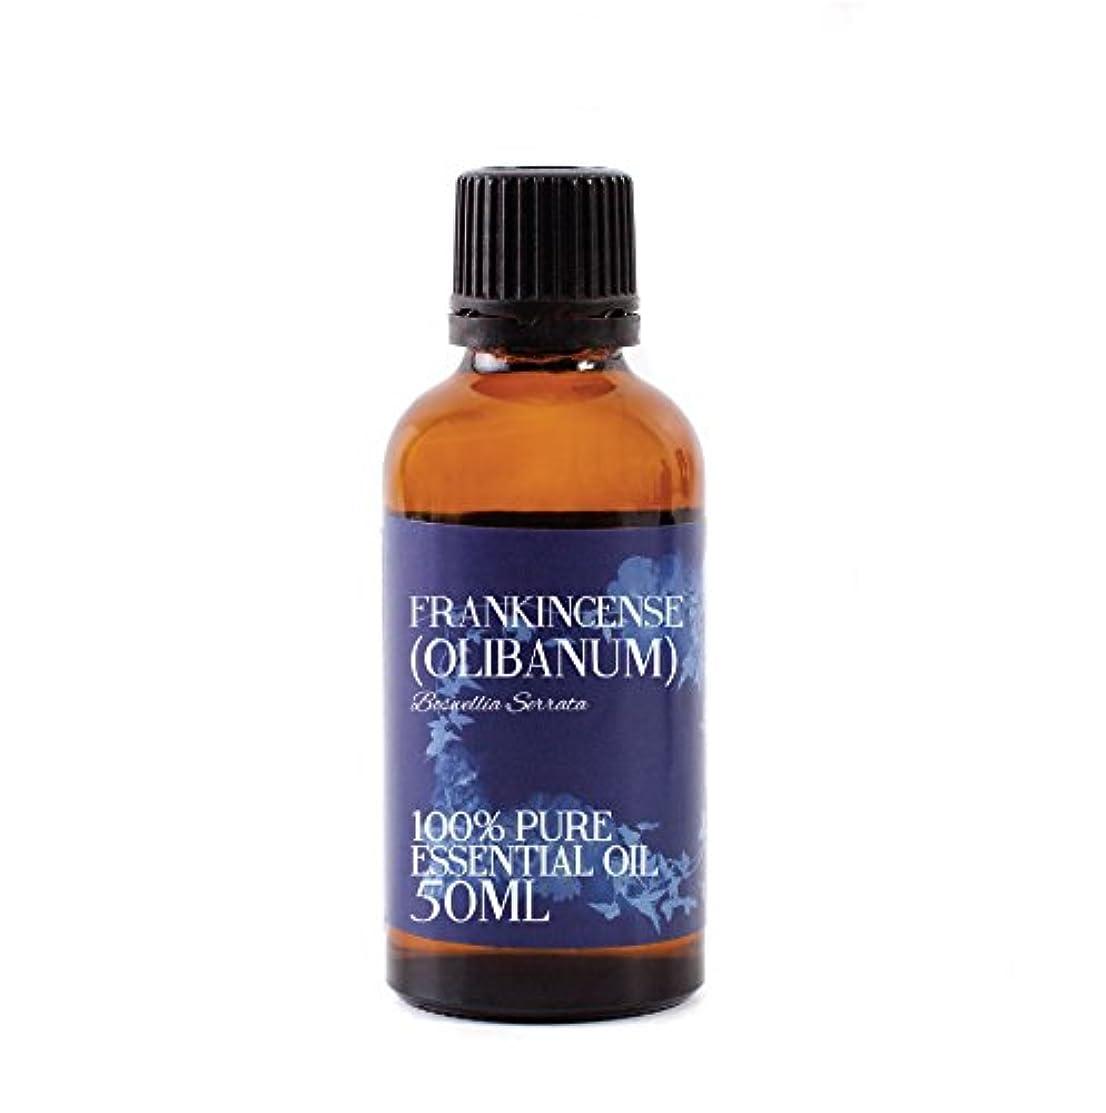 アスリート受信機道に迷いましたMystic Moments | Frankincense Olibanum Essential Oil - 50ml - 100% Pure